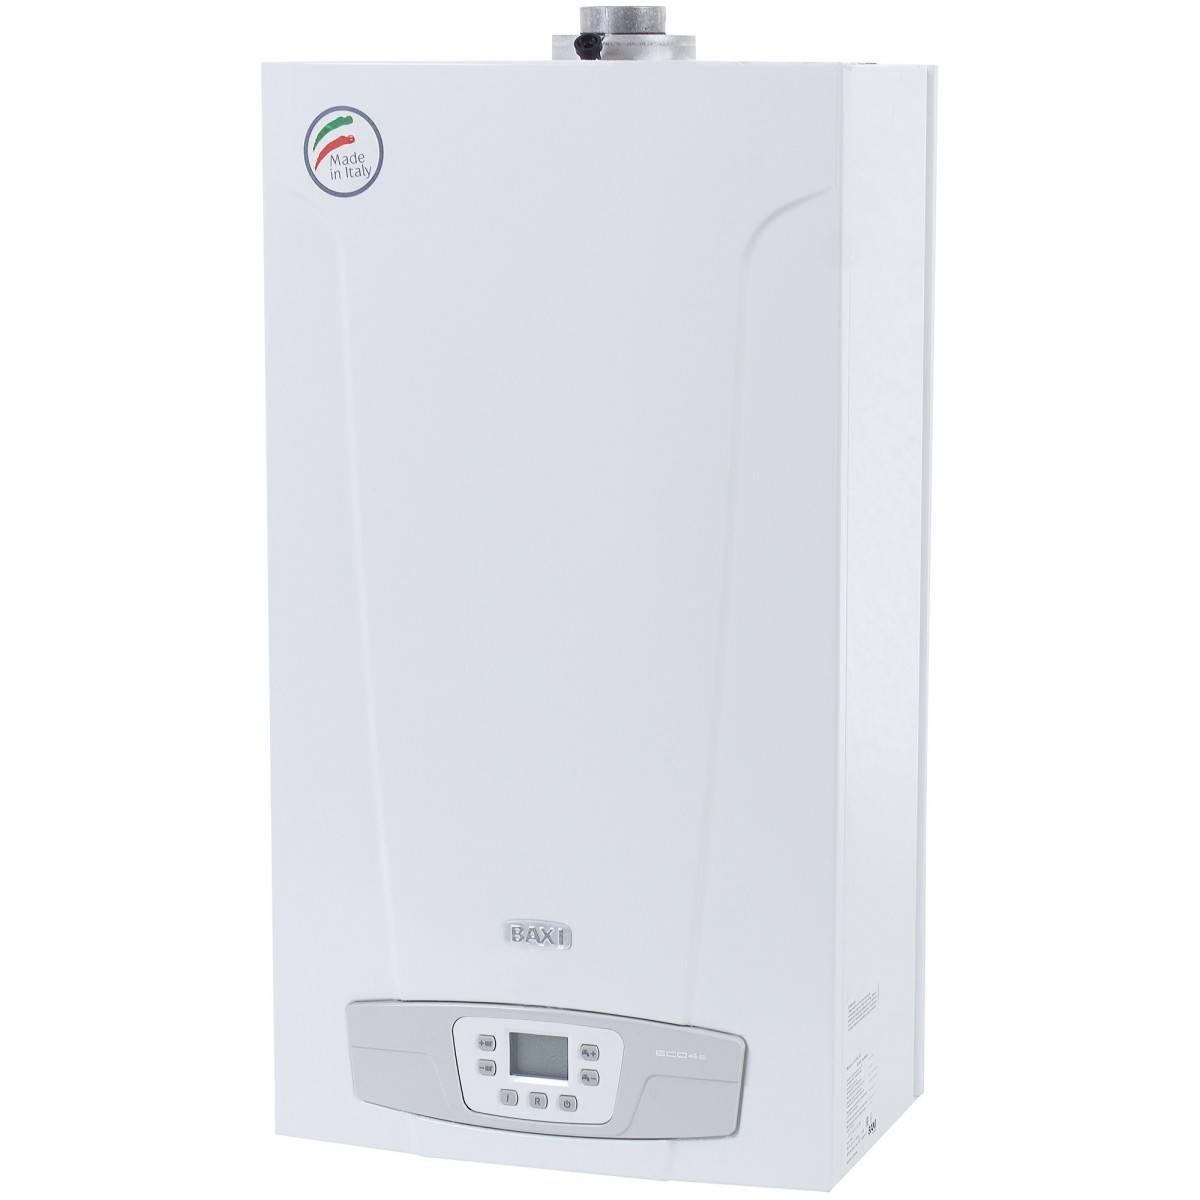 Инструкция по эксплуатации газового котла baxi main 24 fi + его устройство и технические характеристики